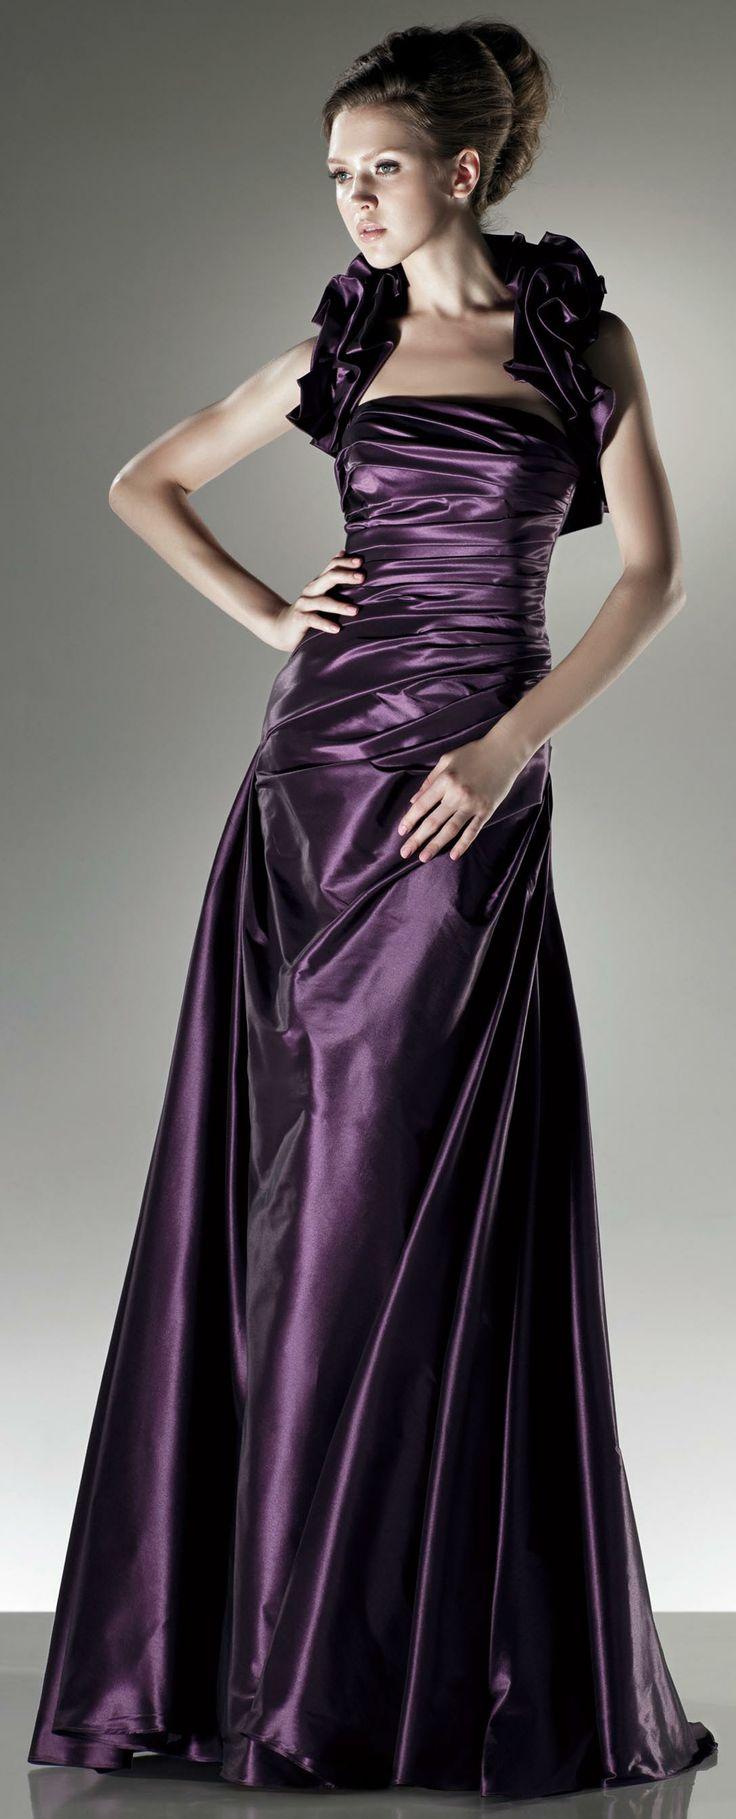 Fashion A-line dress